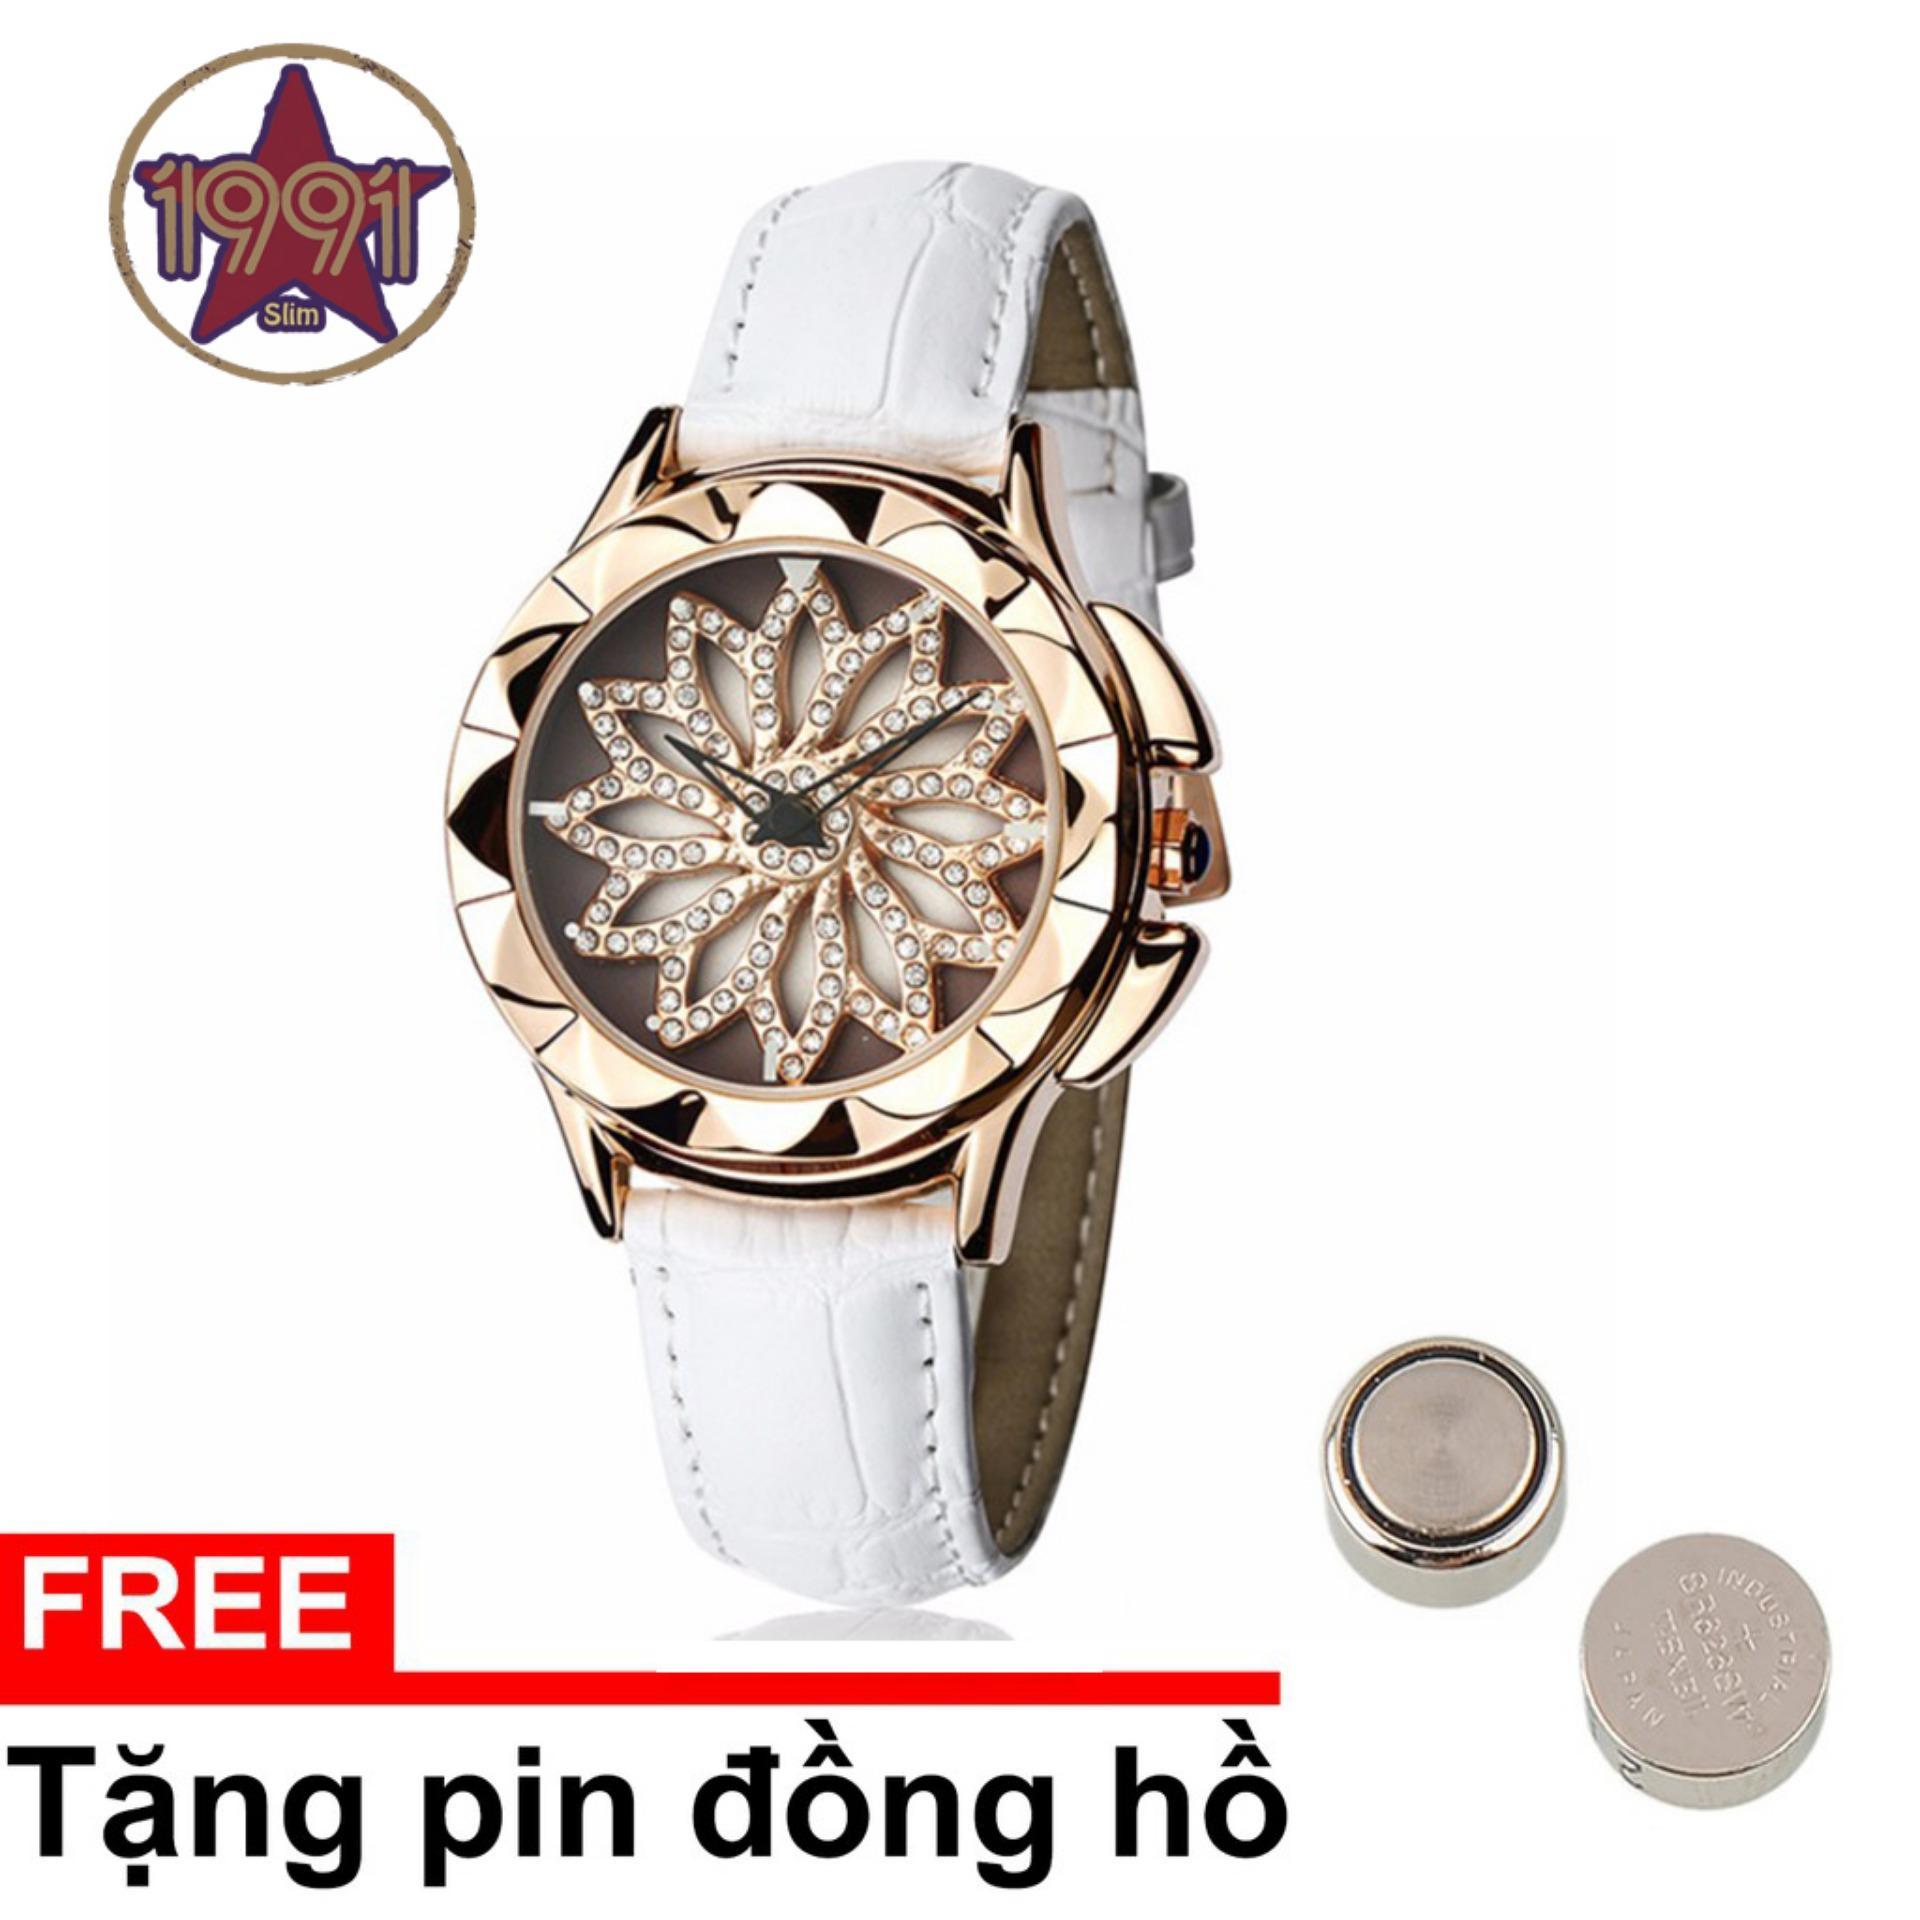 [TRỢ GIÁ-TRI ÂN CUỐI NĂM] Đồng hồ nữ hoa xoay 360 độ SANDA JAPAN dây da độc đáo P211 – 4 màu sang trọng